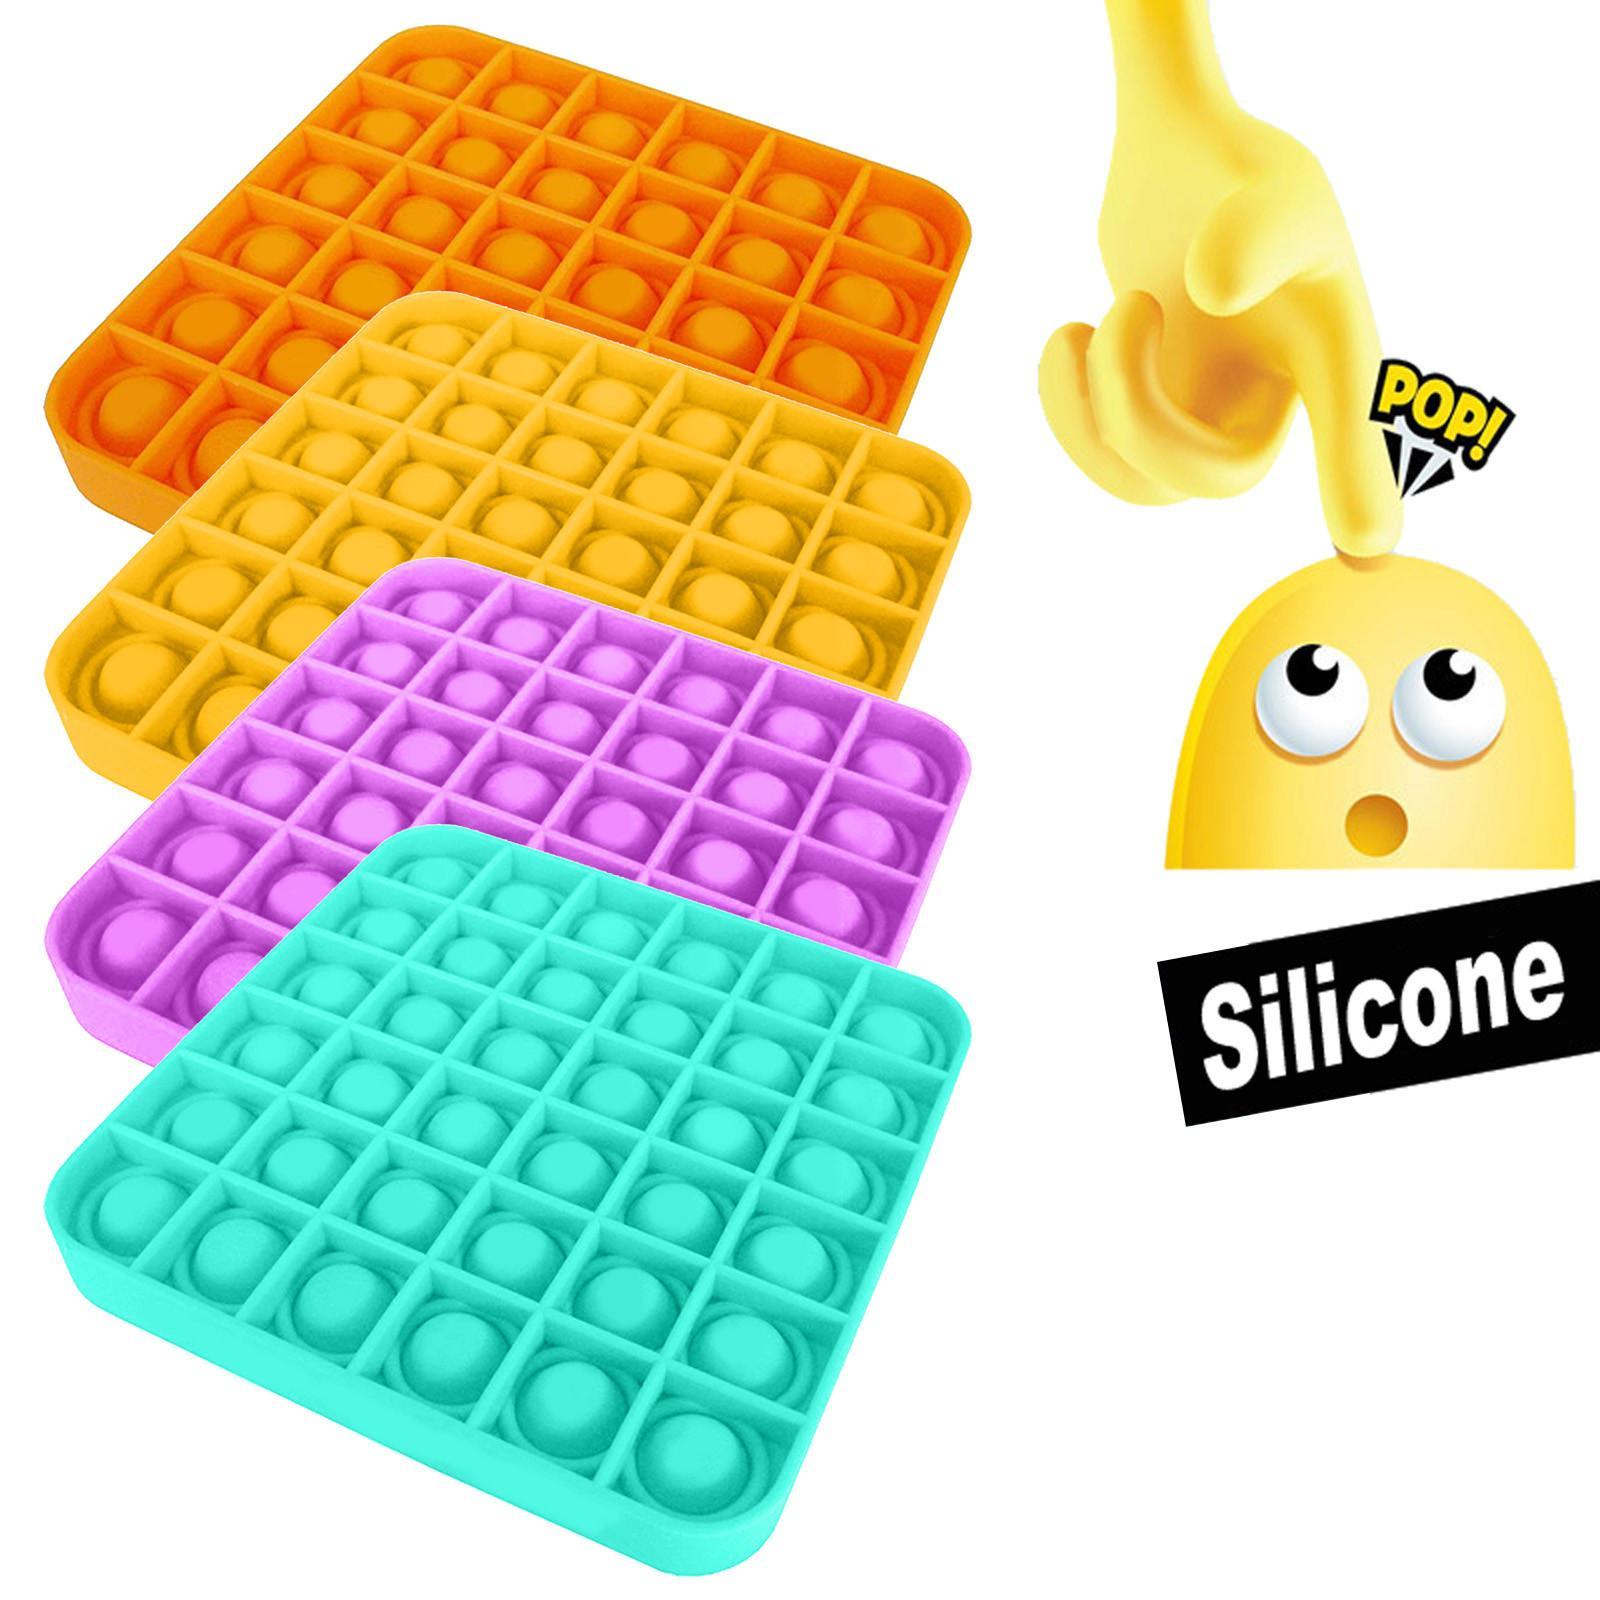 2020 POP Kabarcık Duyusal Oyuncak Otizm Gerekiyor Squishy Stres Rahatlatıcı Oyuncaklar Yetişkin Çocuk Komik Anti-Stres Pop It Fidget Rody Reliver Stres